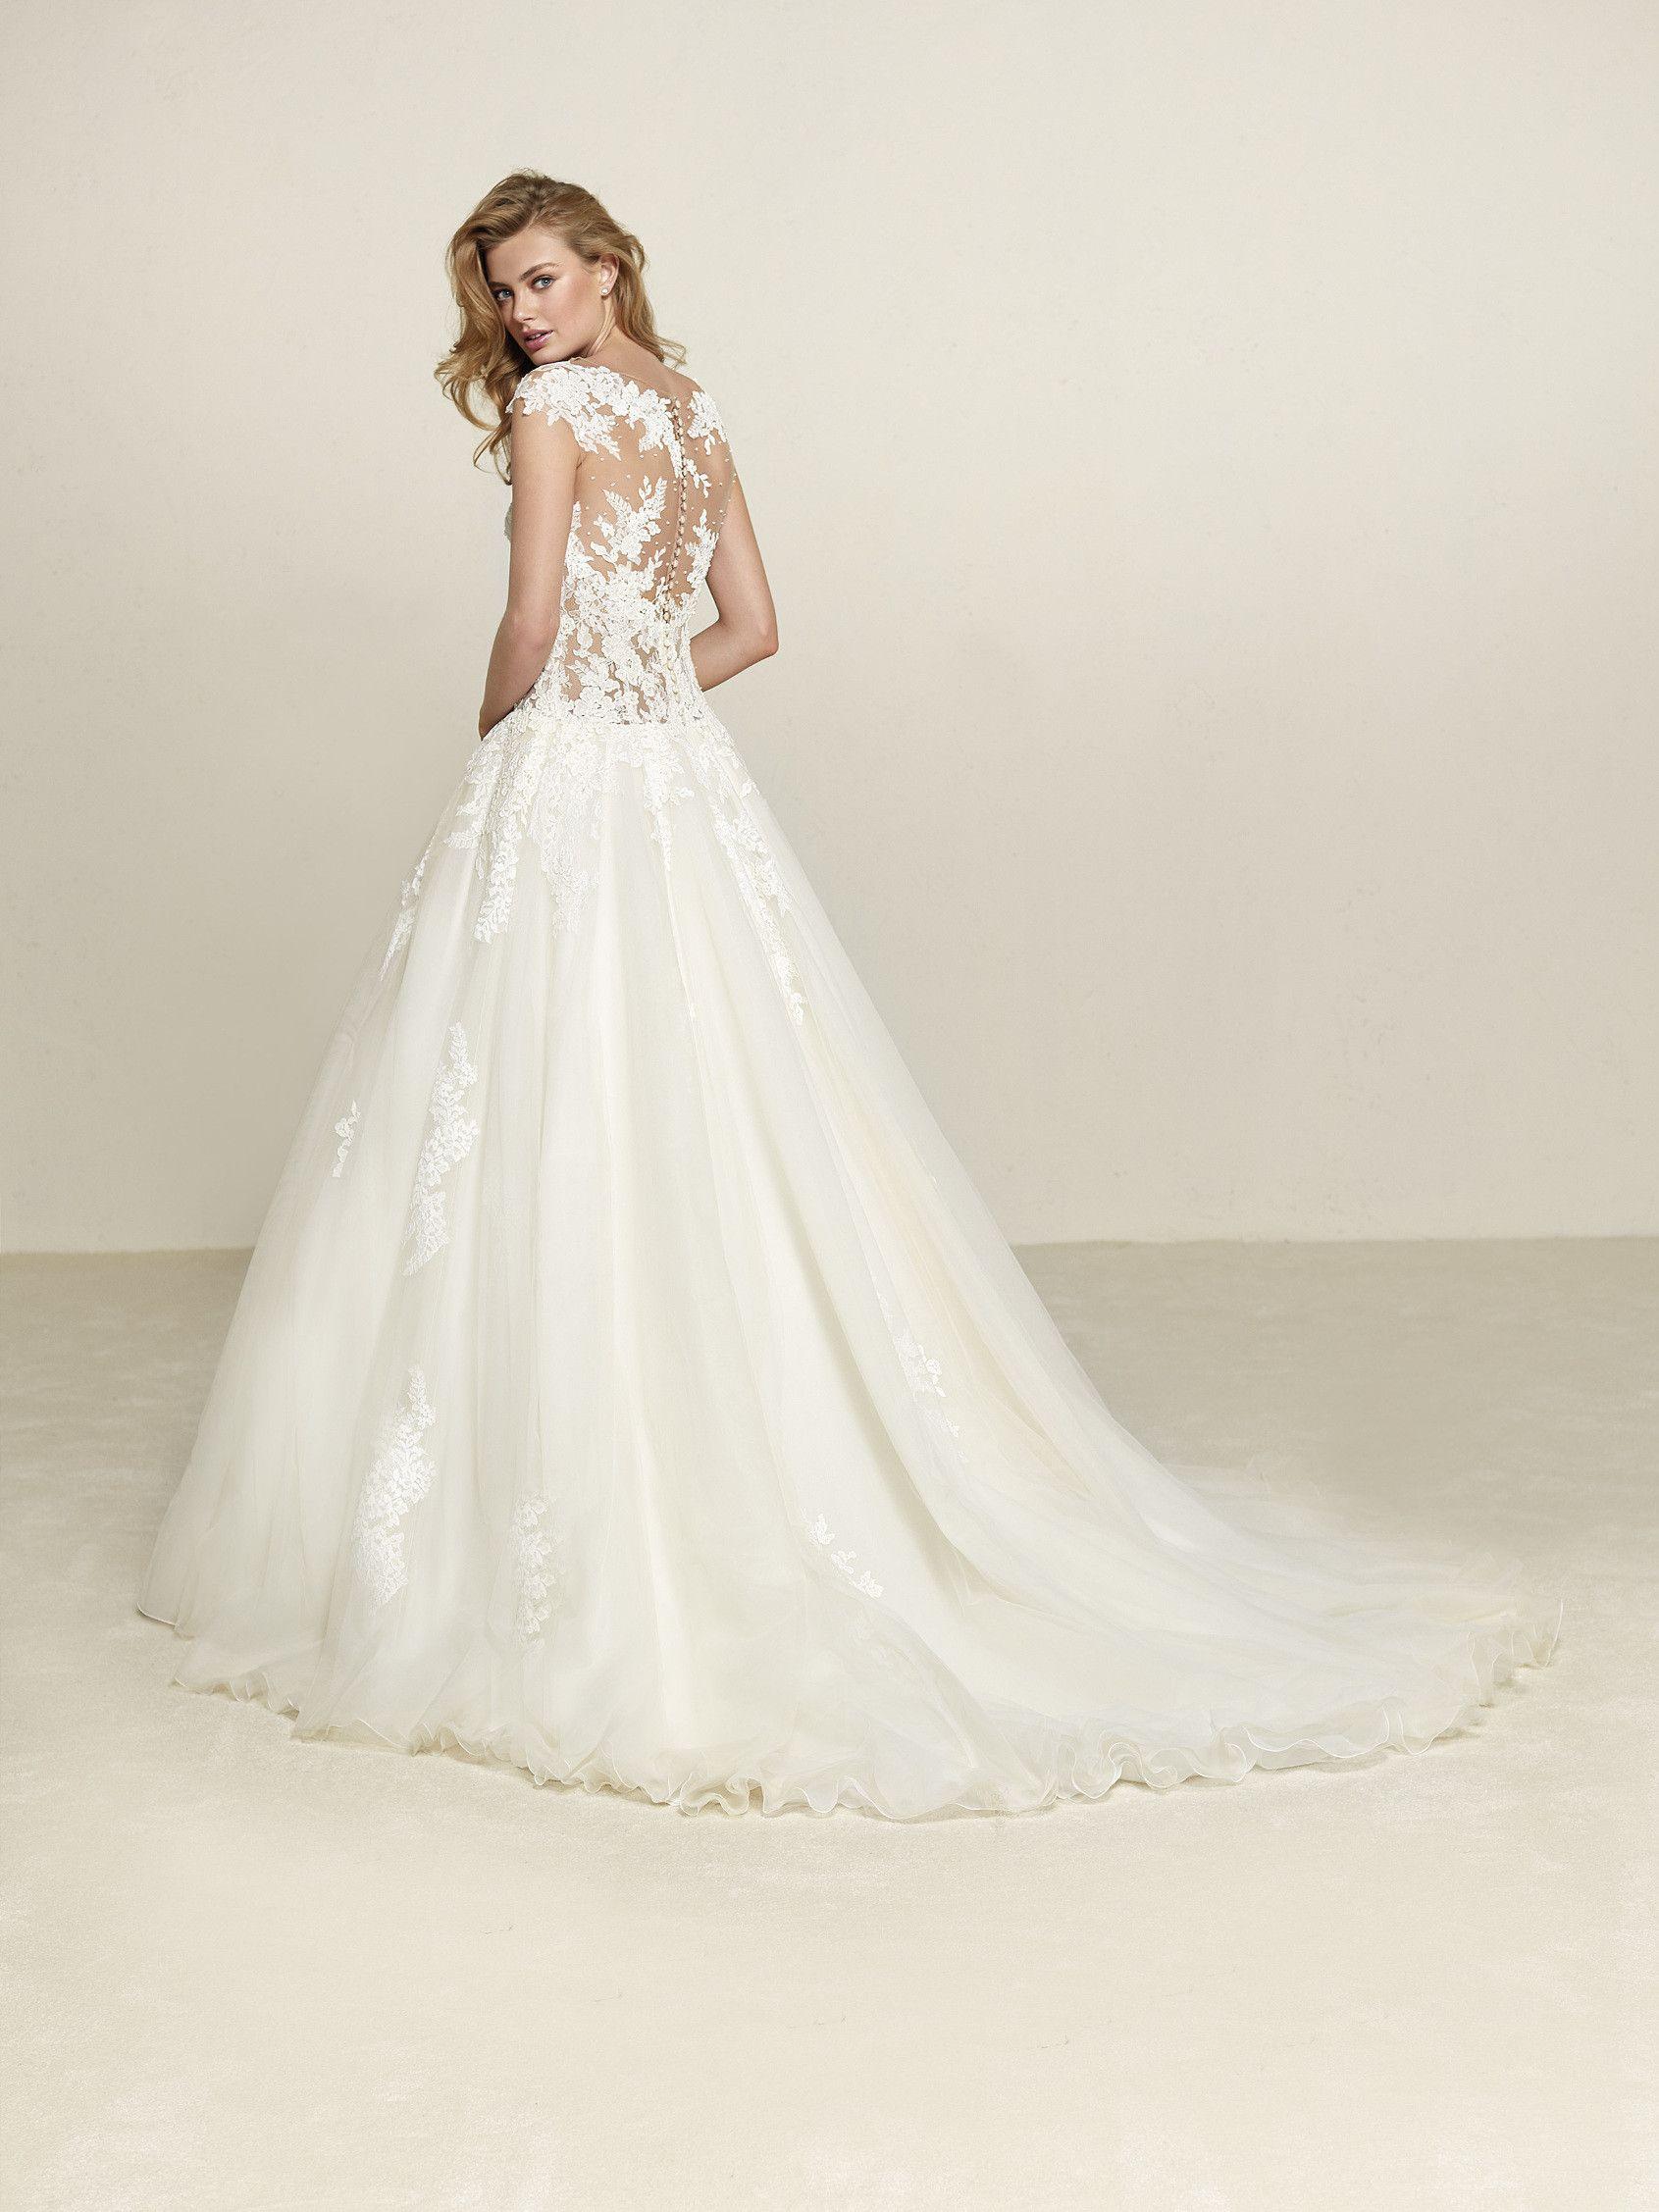 Brautkleid Prinzessin-Stil Tüllpasse | Hochzeitskleid | Pinterest ...